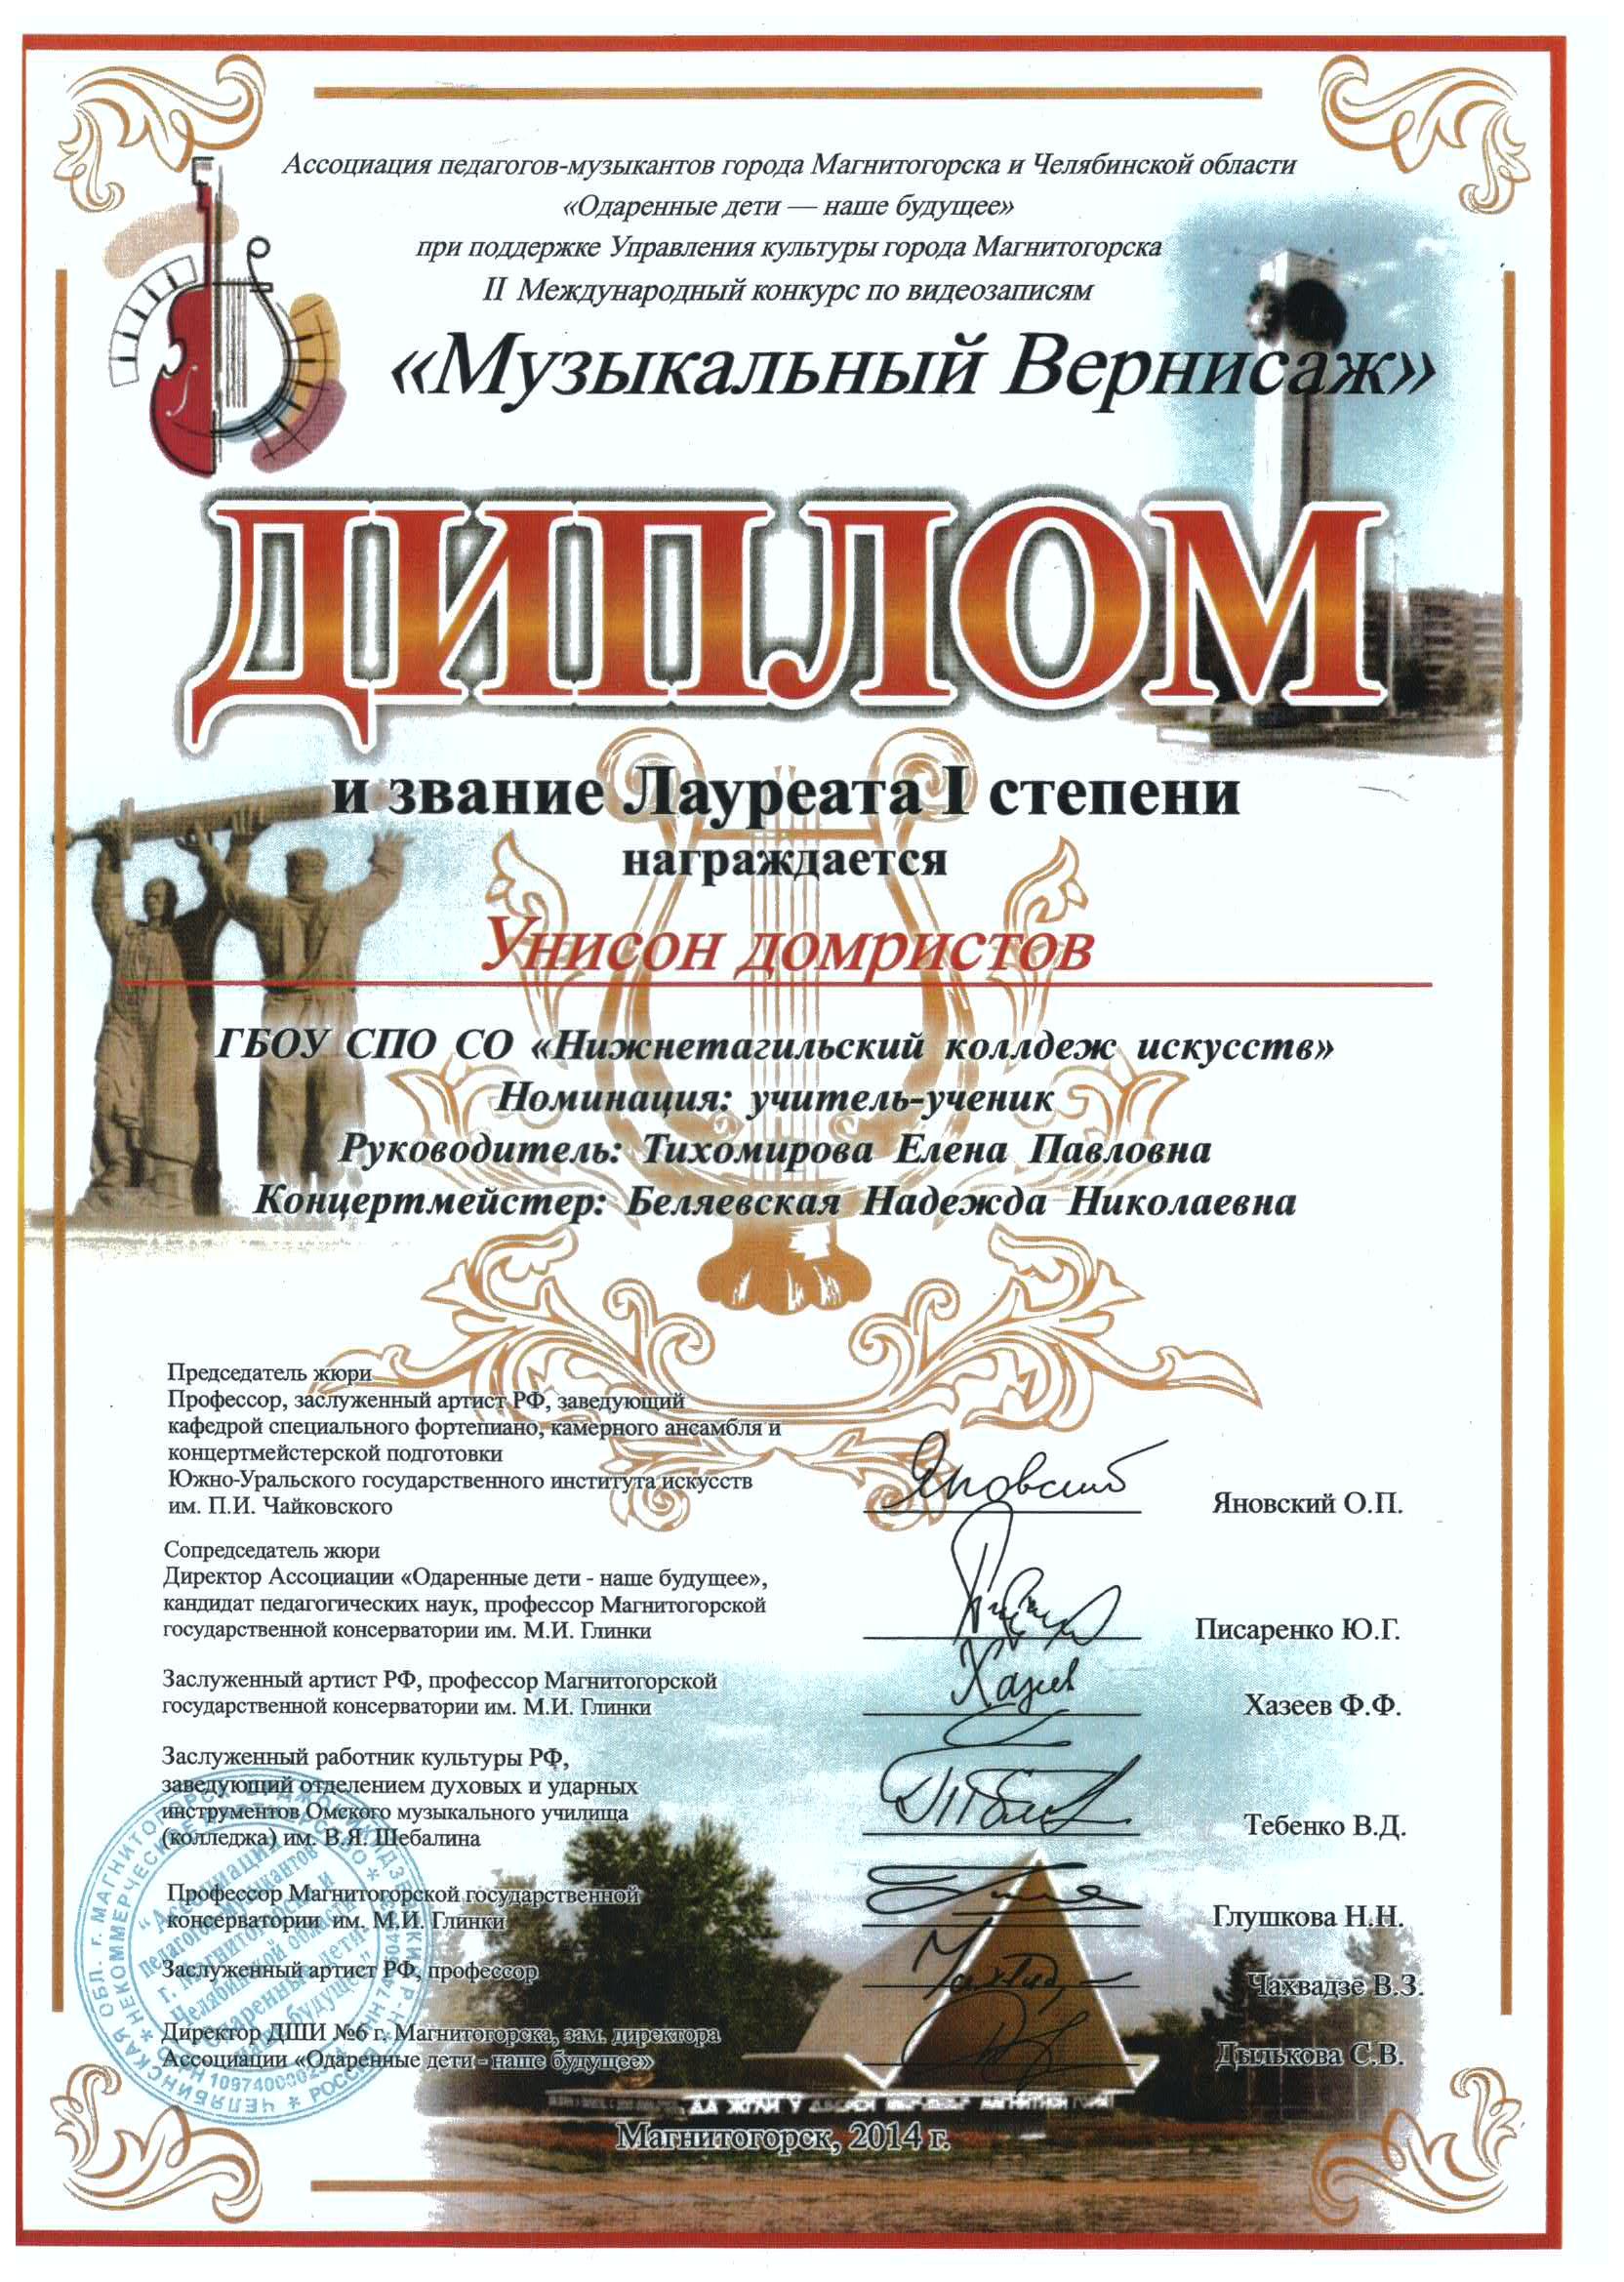 Международный конкурс музыкальный вернисаж магнитогорск